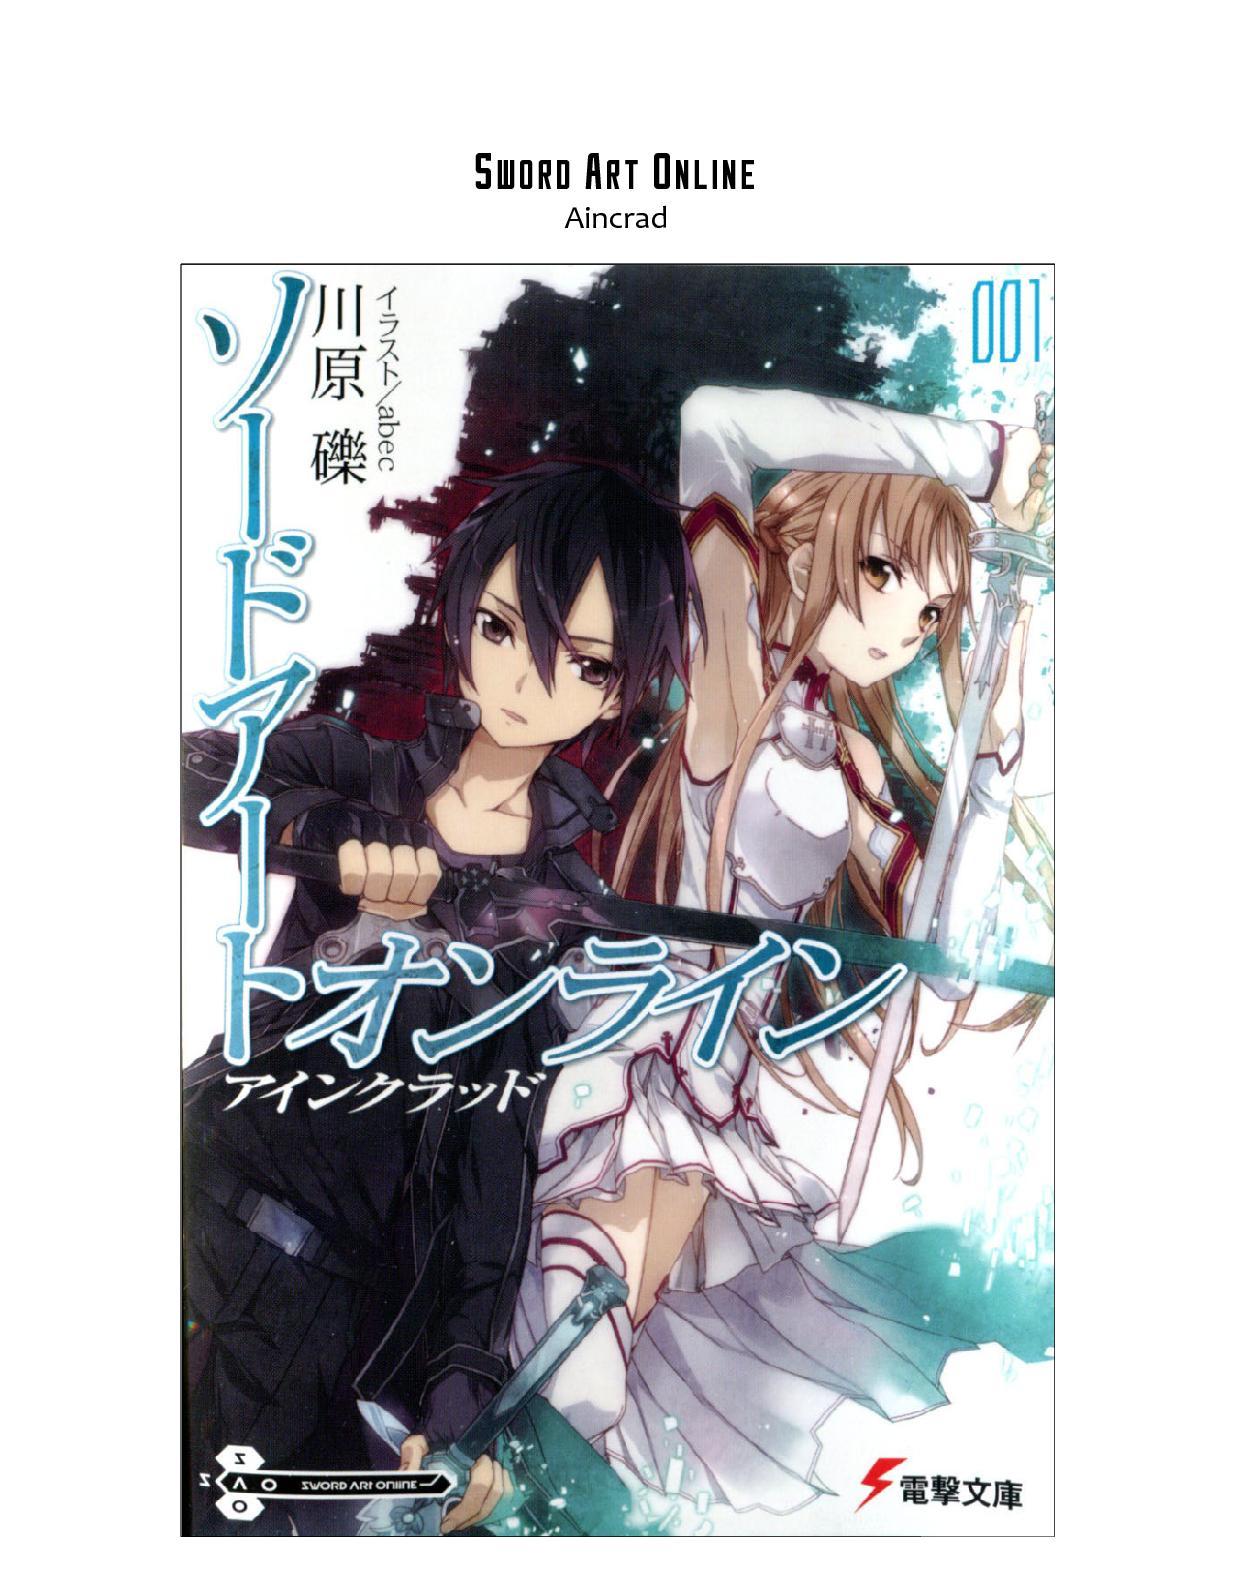 Calaméo - #Sword Art Online 1 Aincrad